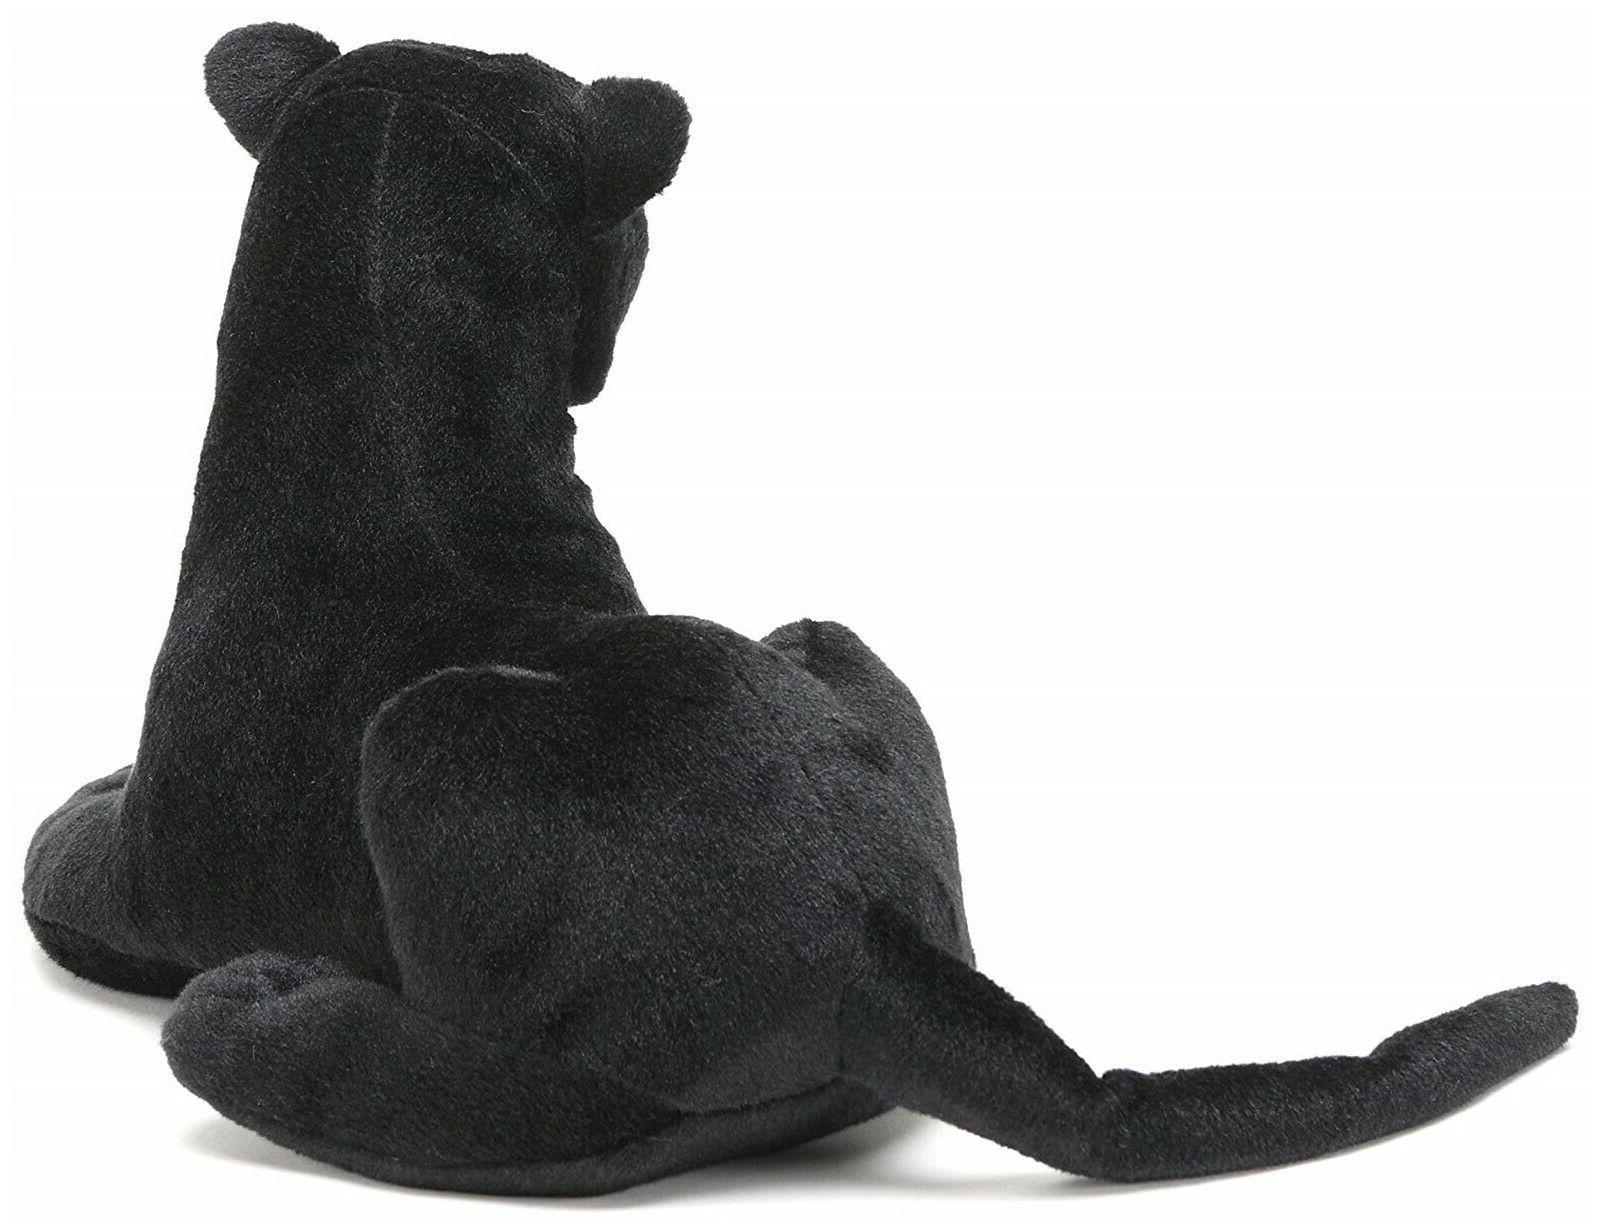 Realistic Black Panther Plush, Kids Stuffed Doll